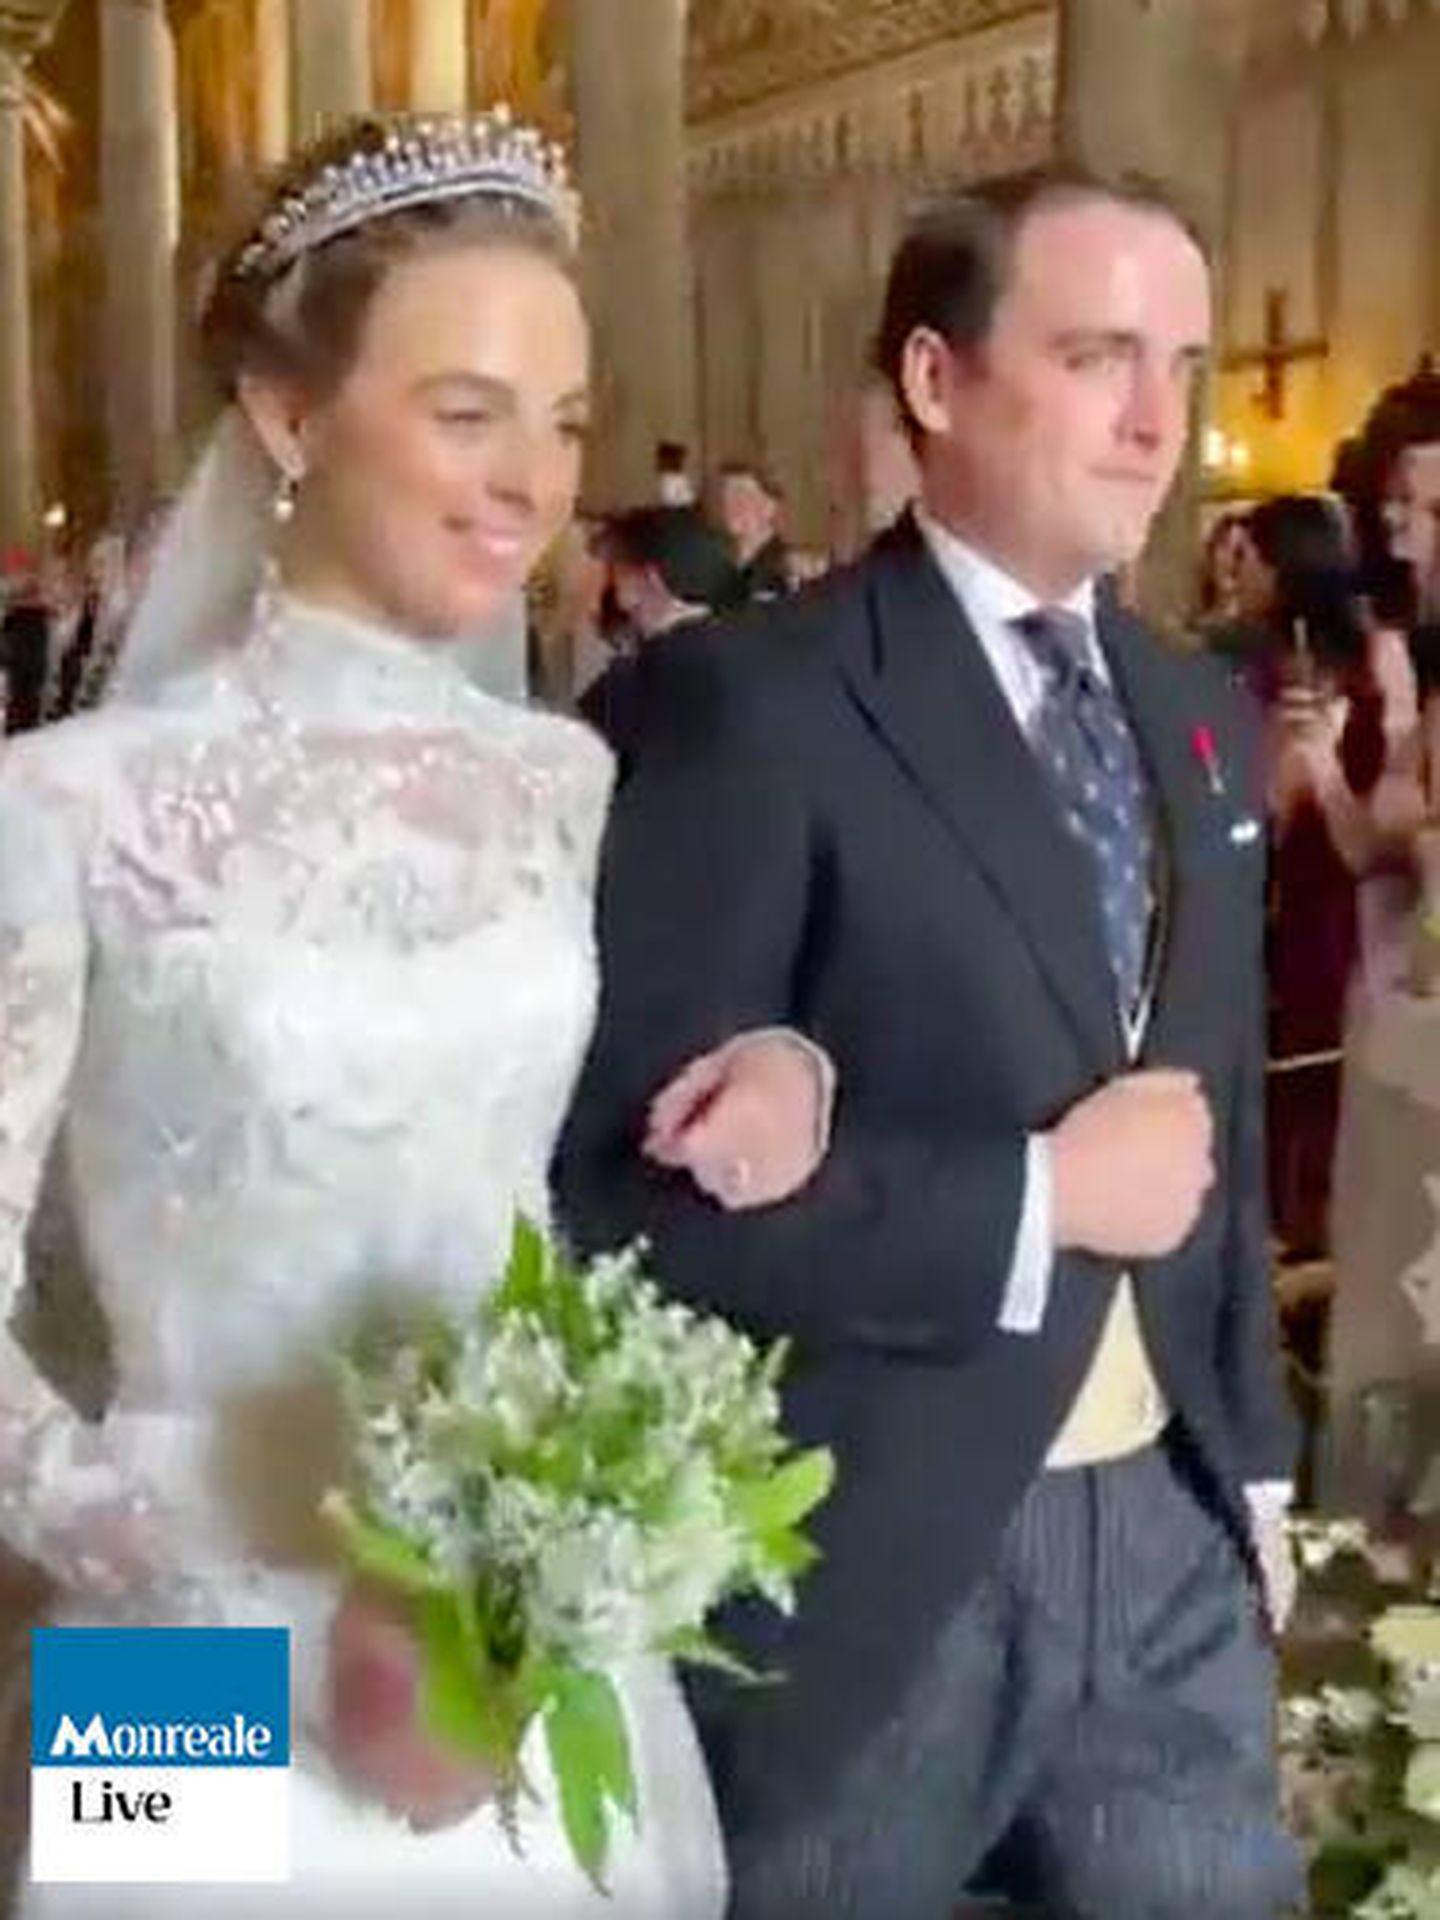 Jaime de Borbón-Dos Sicilias y Charlotte Lindesay-Bethune, recién casados. (MonrealeLive.it)